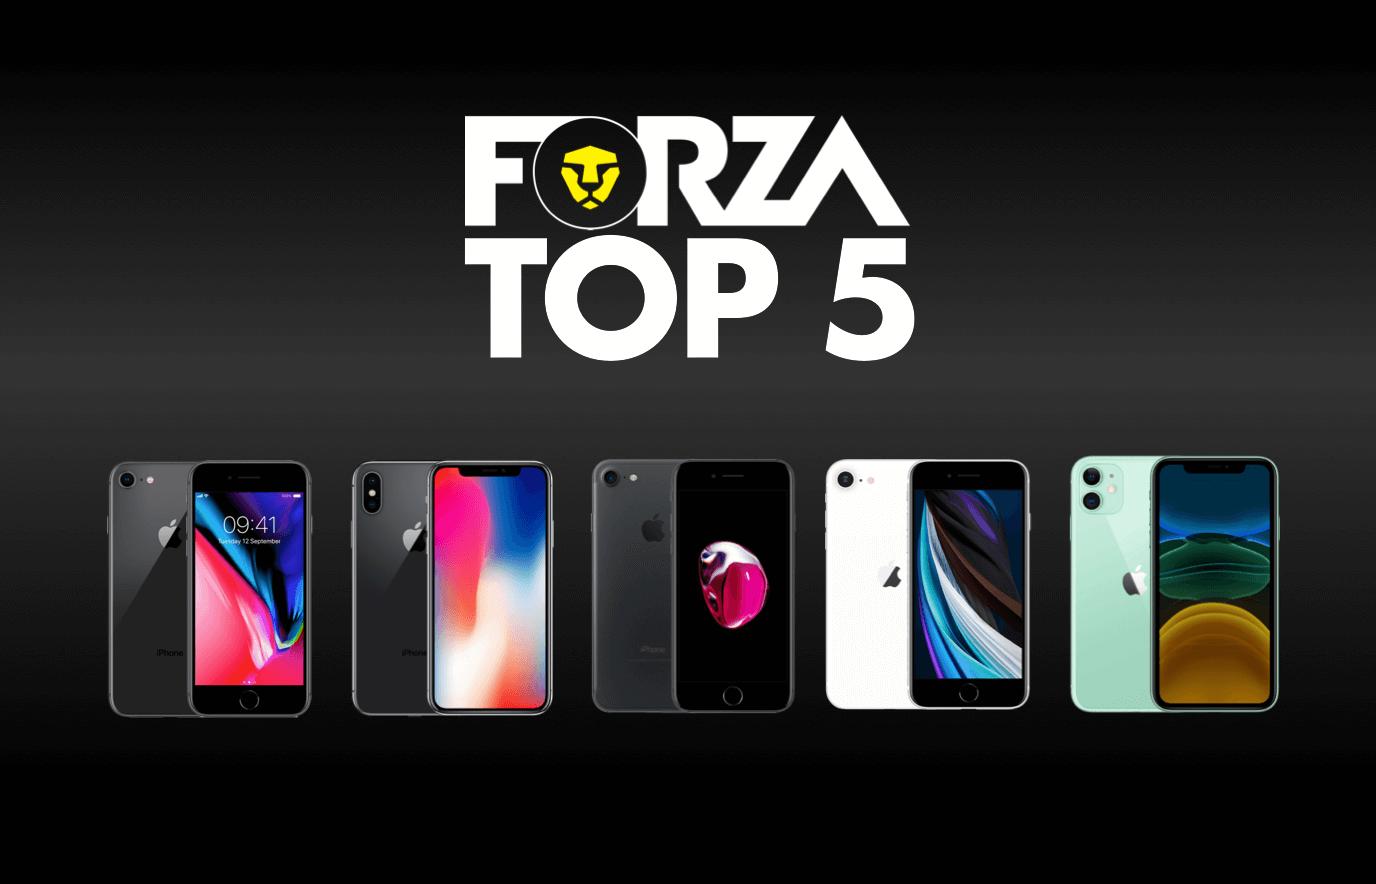 Forza Top 5 iPhones